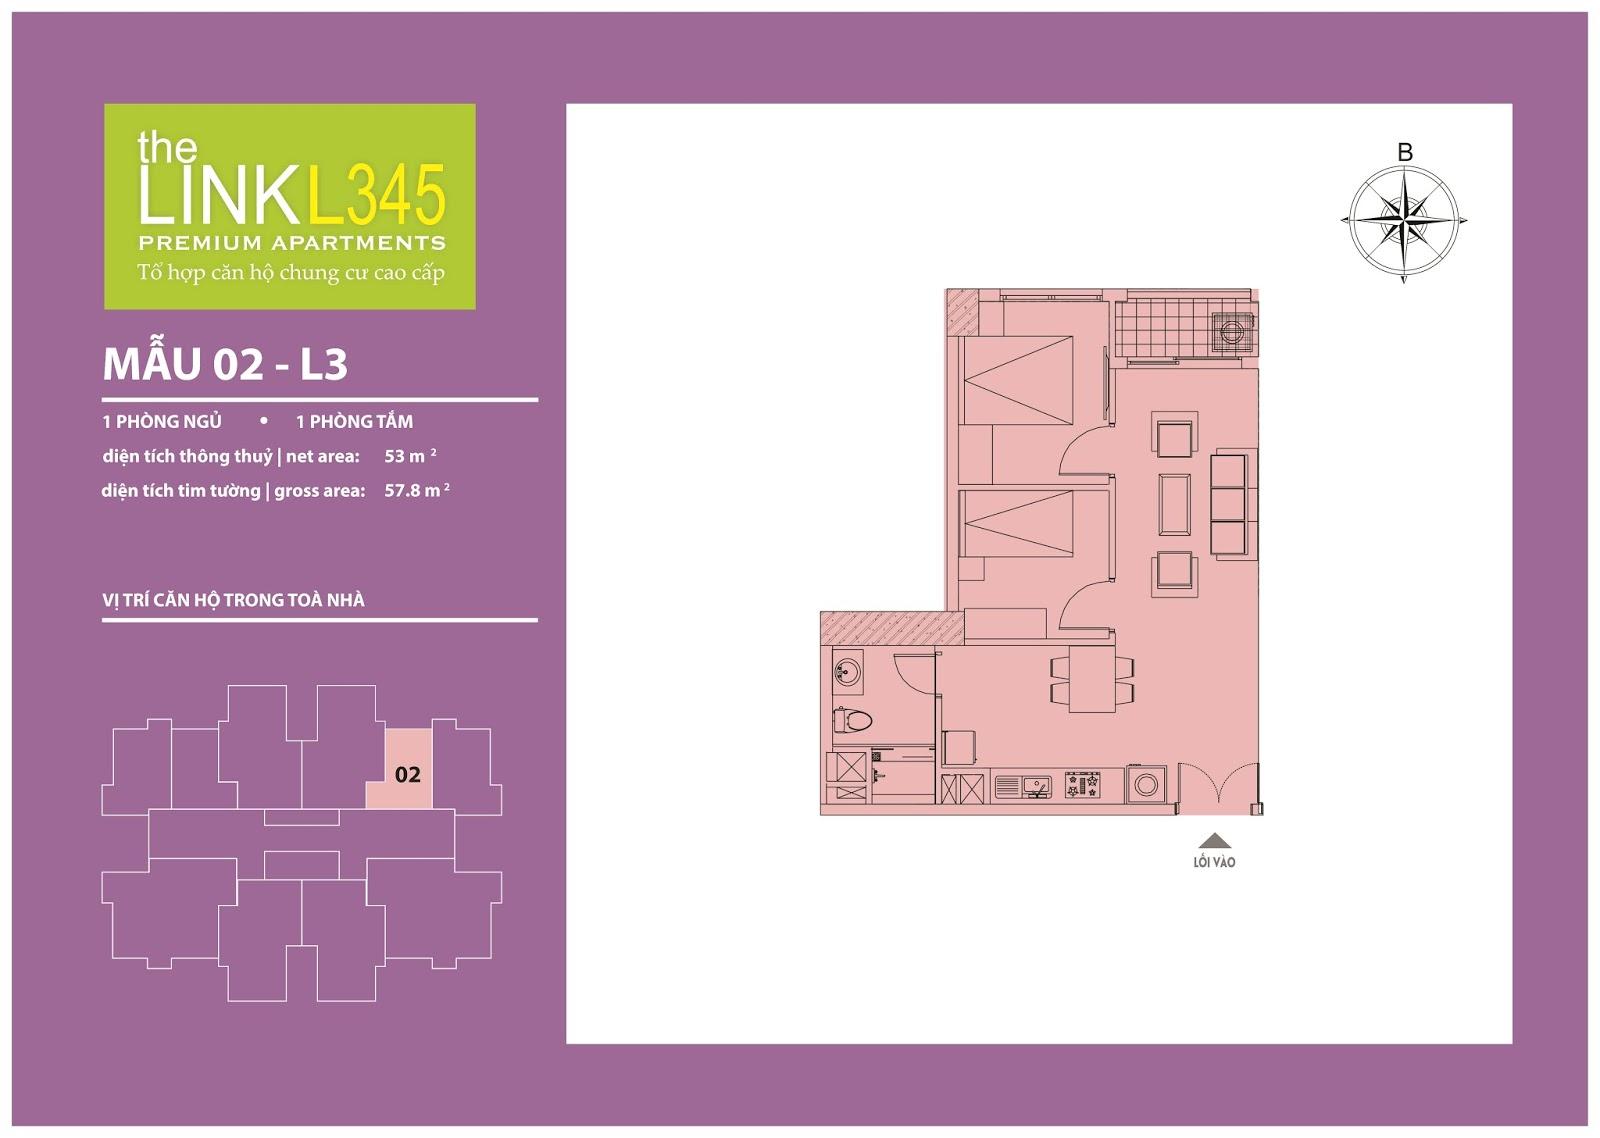 Mặt bằng chi tiết căn hộ 02 - L3 Chung cư The Link 345 Ciputra